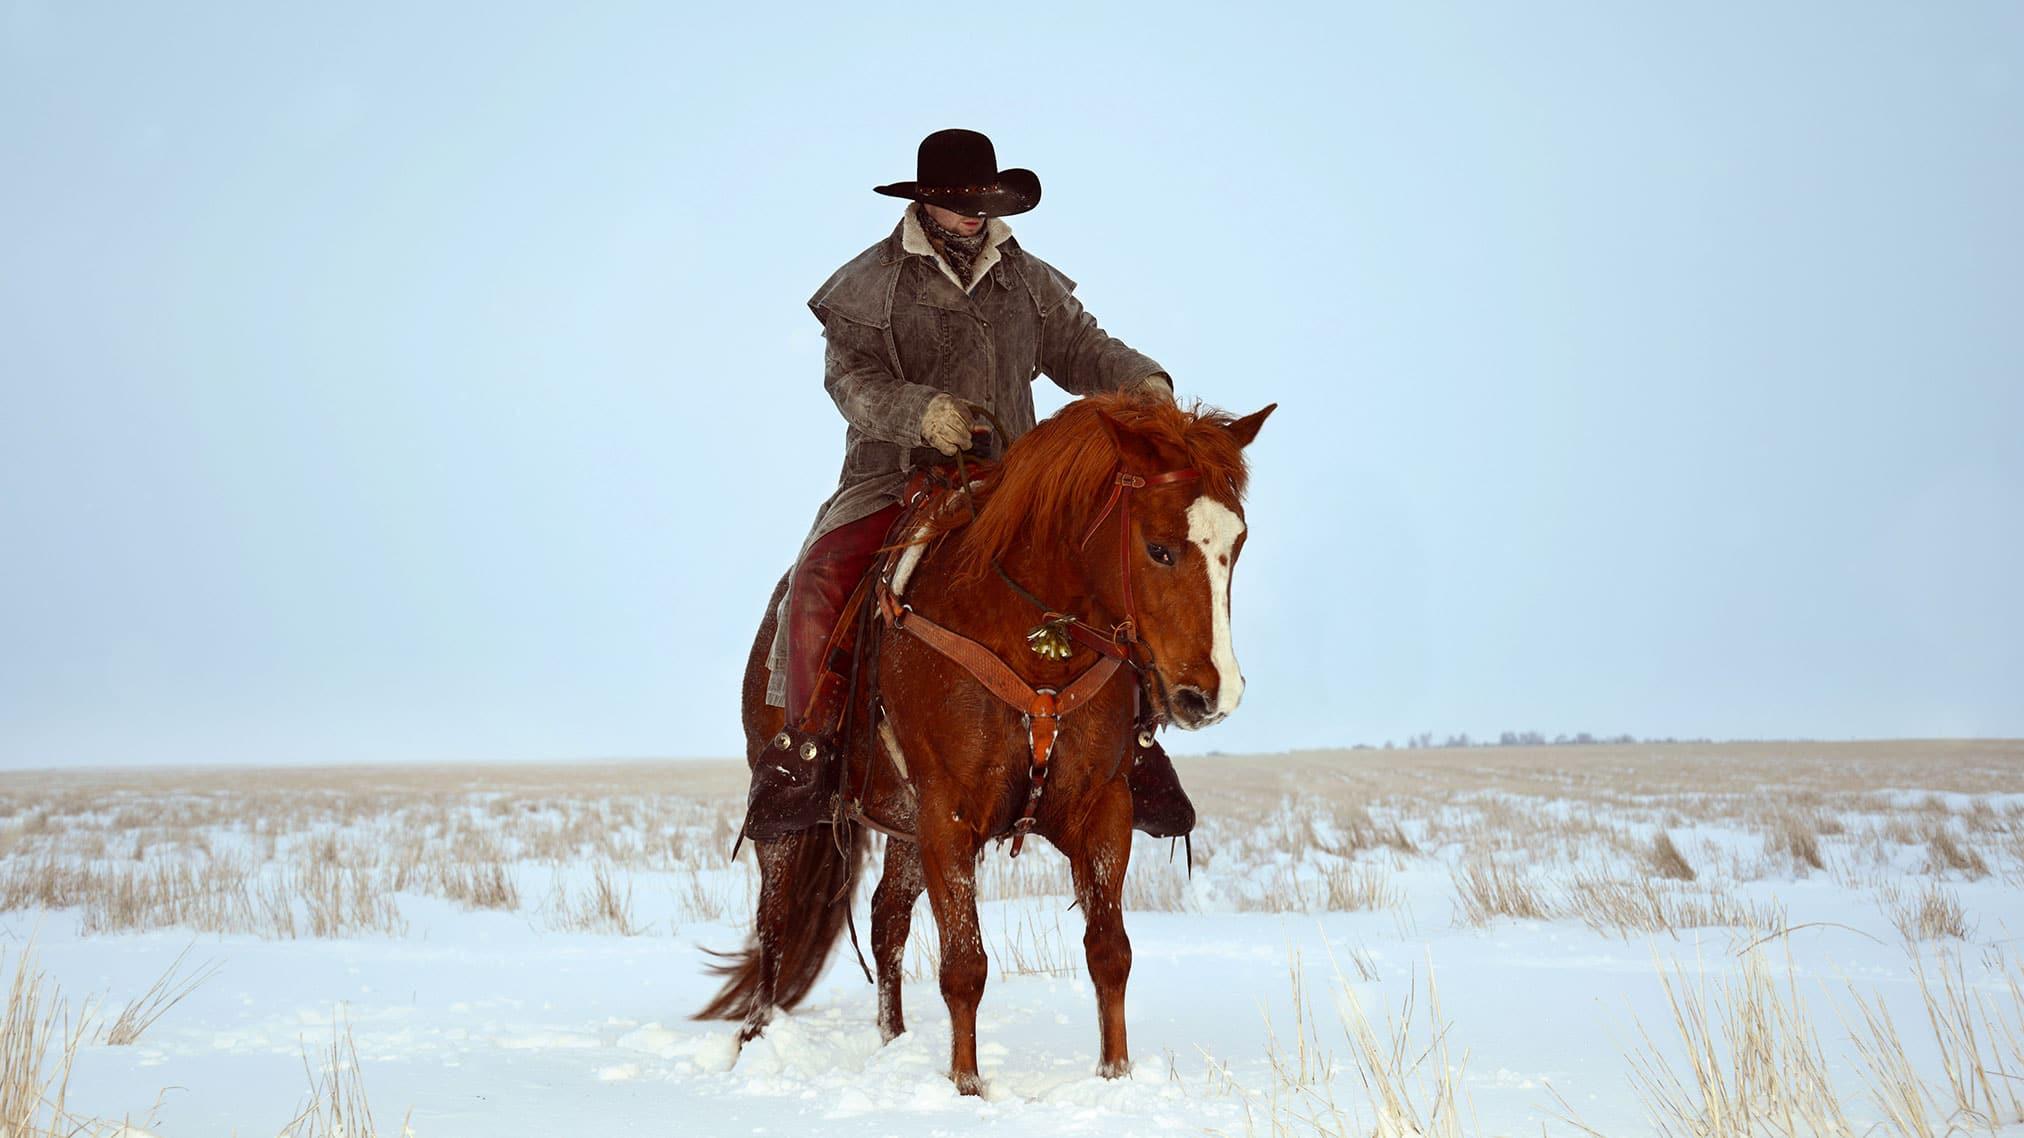 Cowboy op een paar in de sneeuw